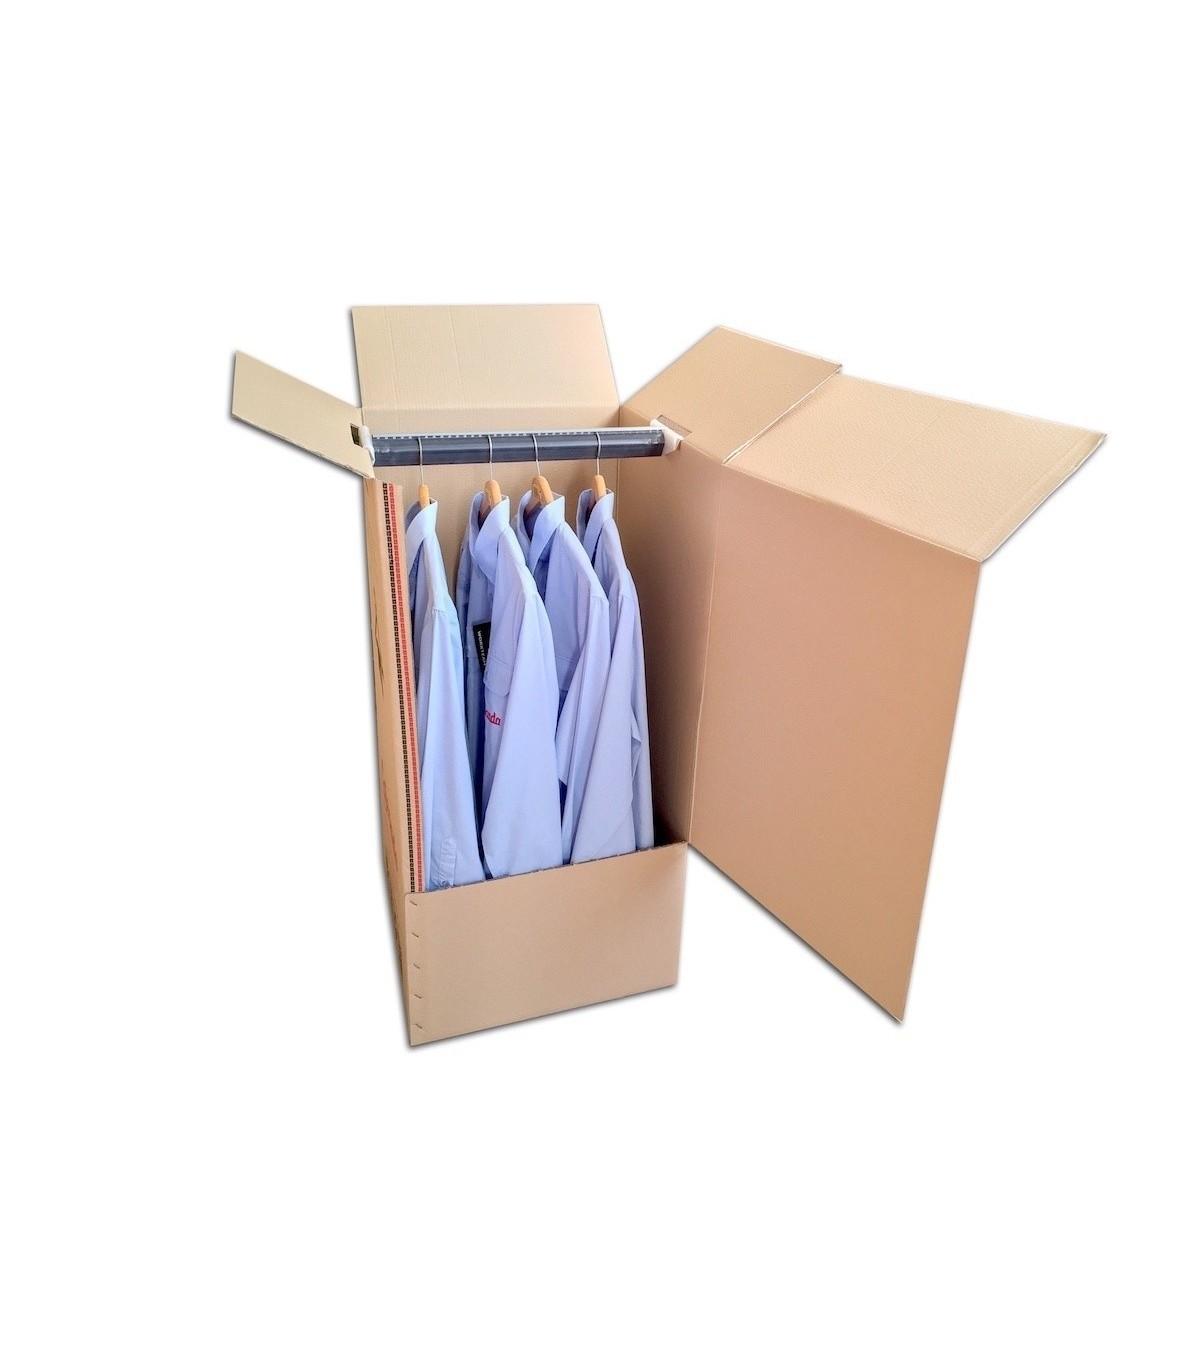 Cajas Especiales de Cartón home | Cajeando.com